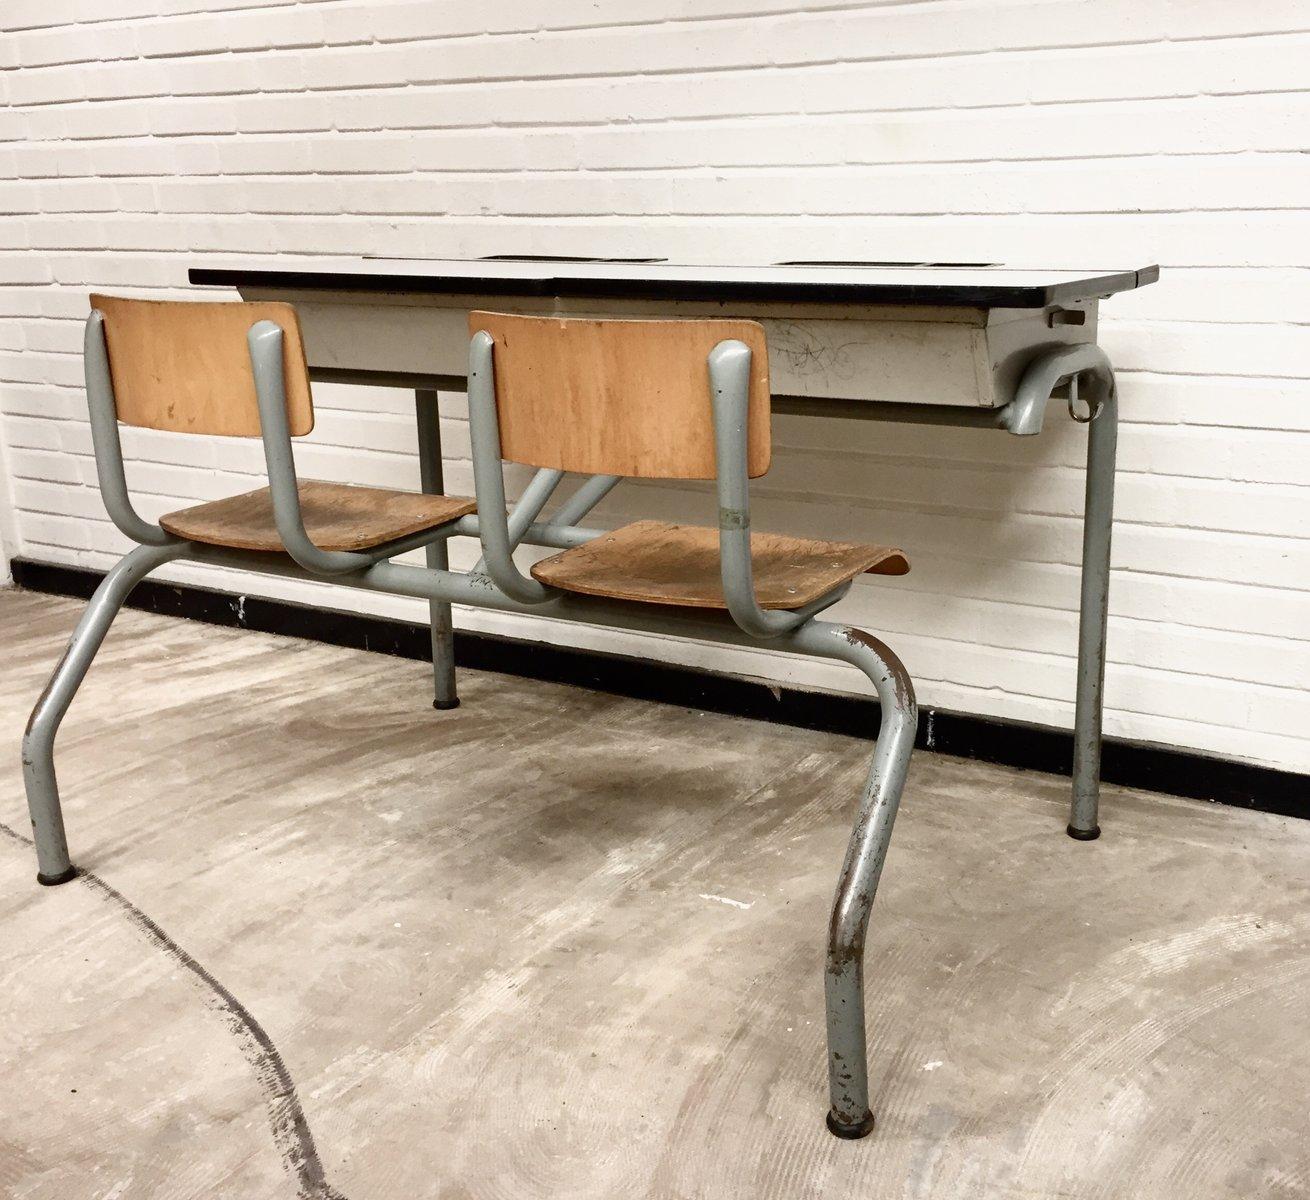 bureau d 39 ecole vintage industriel 1960s en vente sur pamono. Black Bedroom Furniture Sets. Home Design Ideas